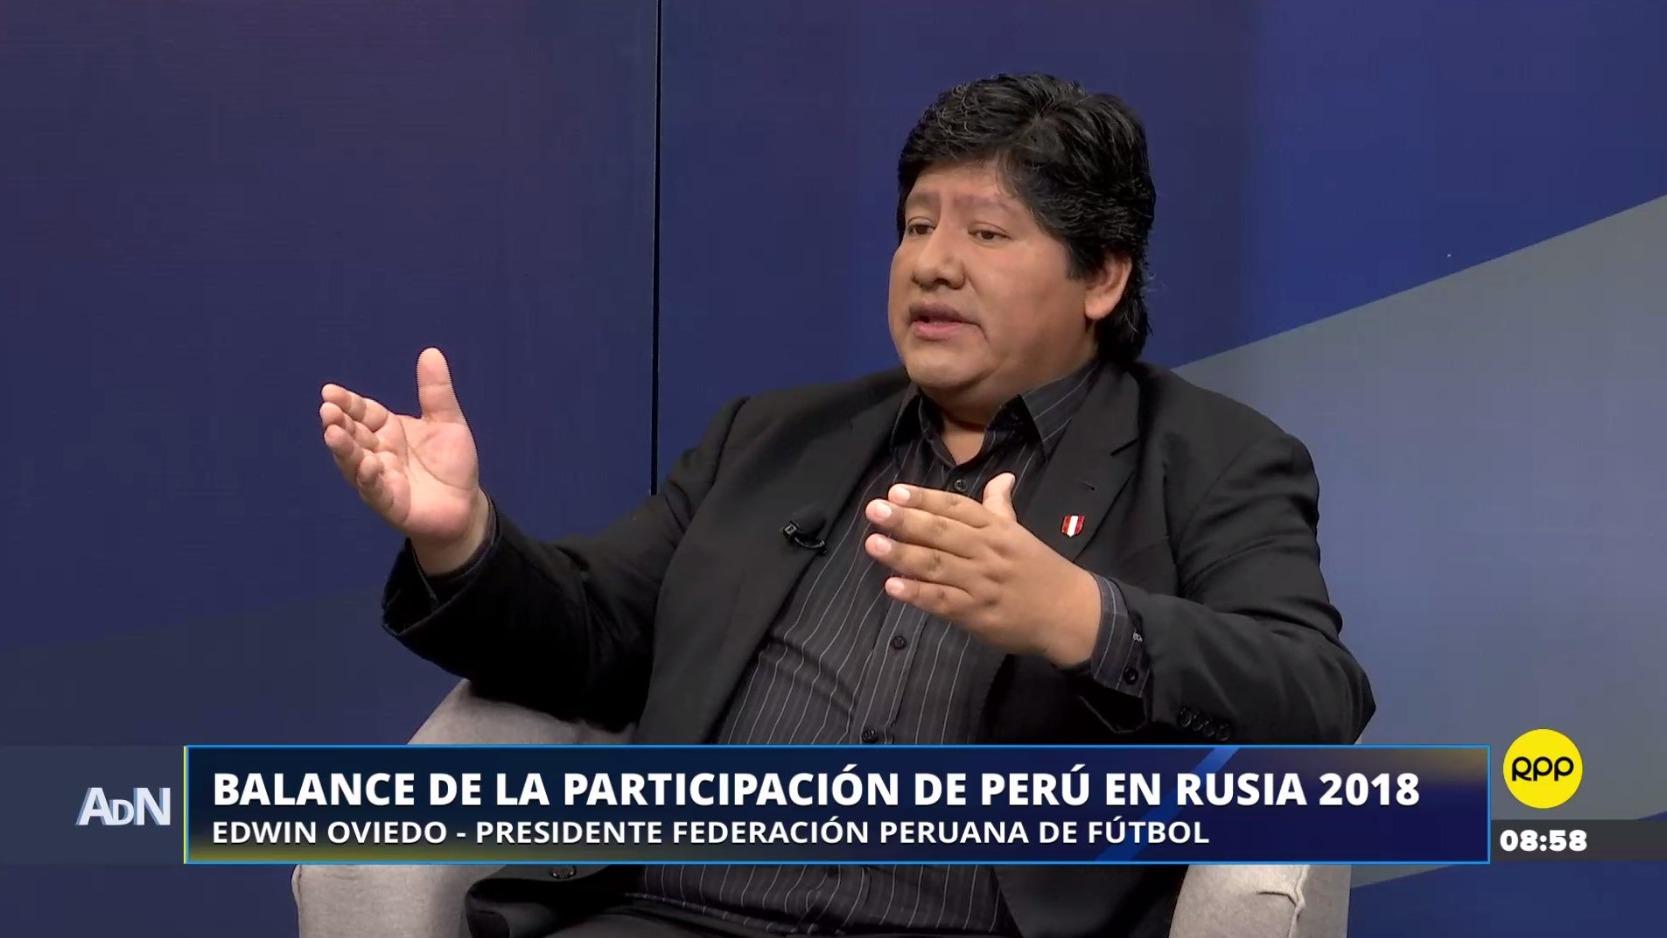 Edwin Oviedo, presidente de la FPF, comentó la posibilidad de que Ricardo Gareca continúe al mando de la Selección.